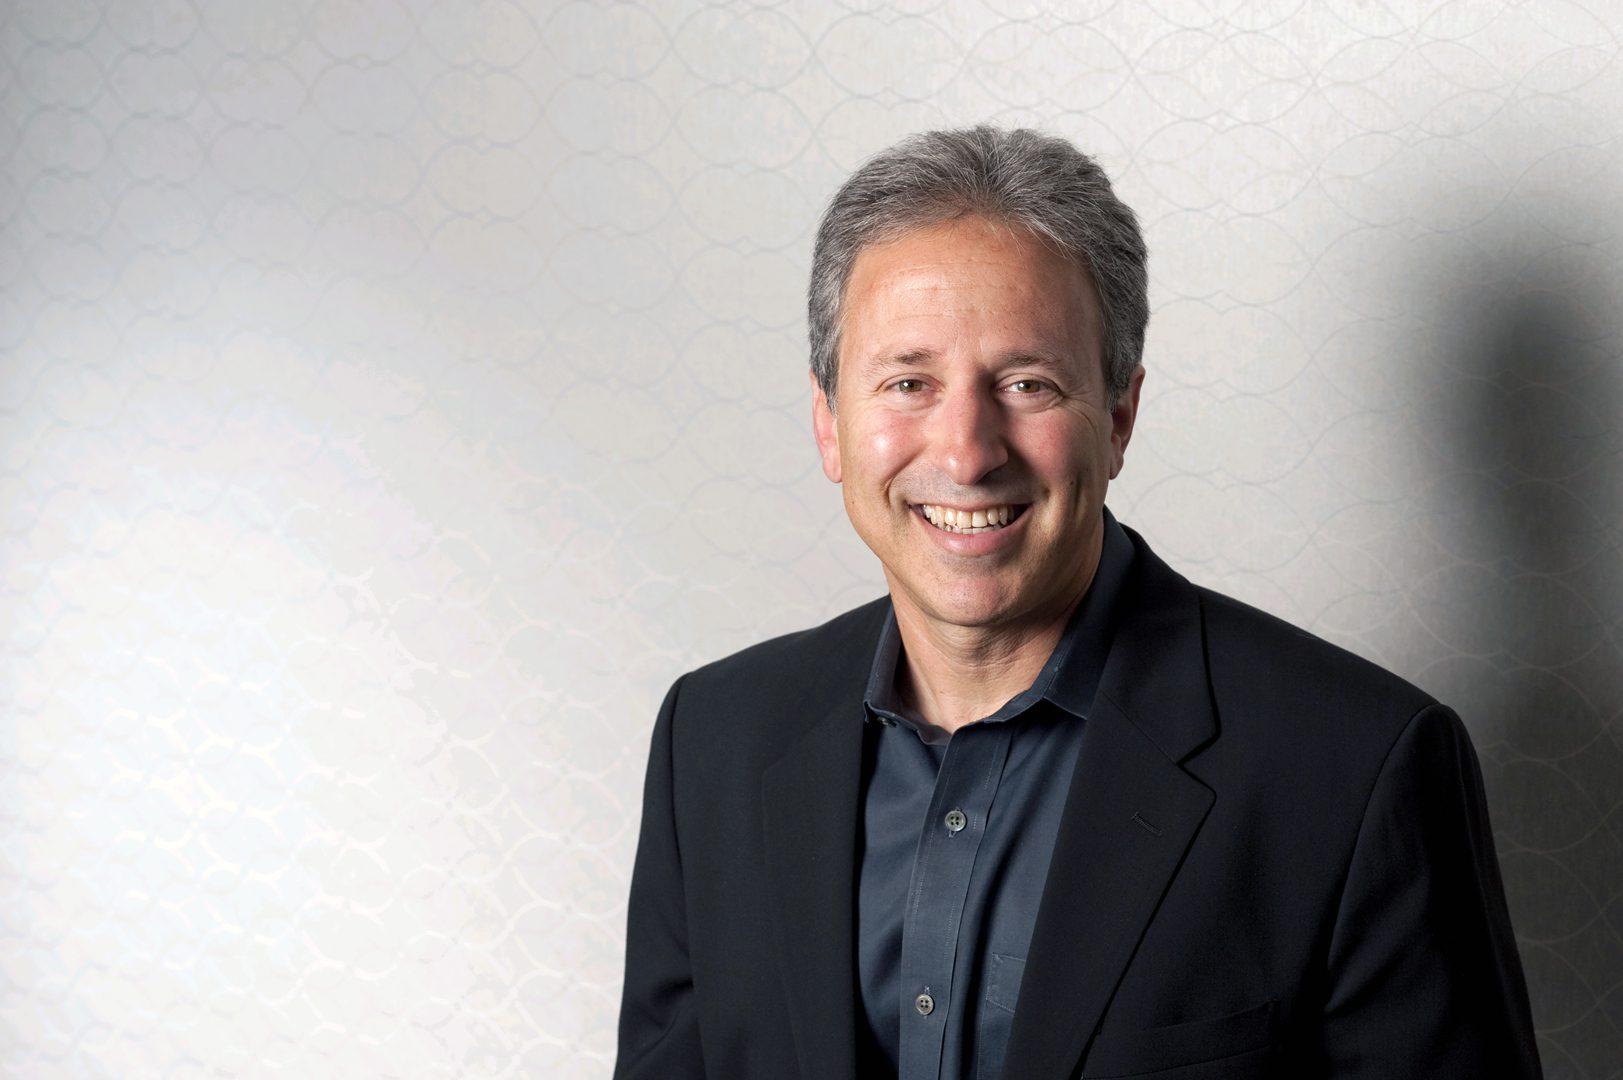 Rick Wolf